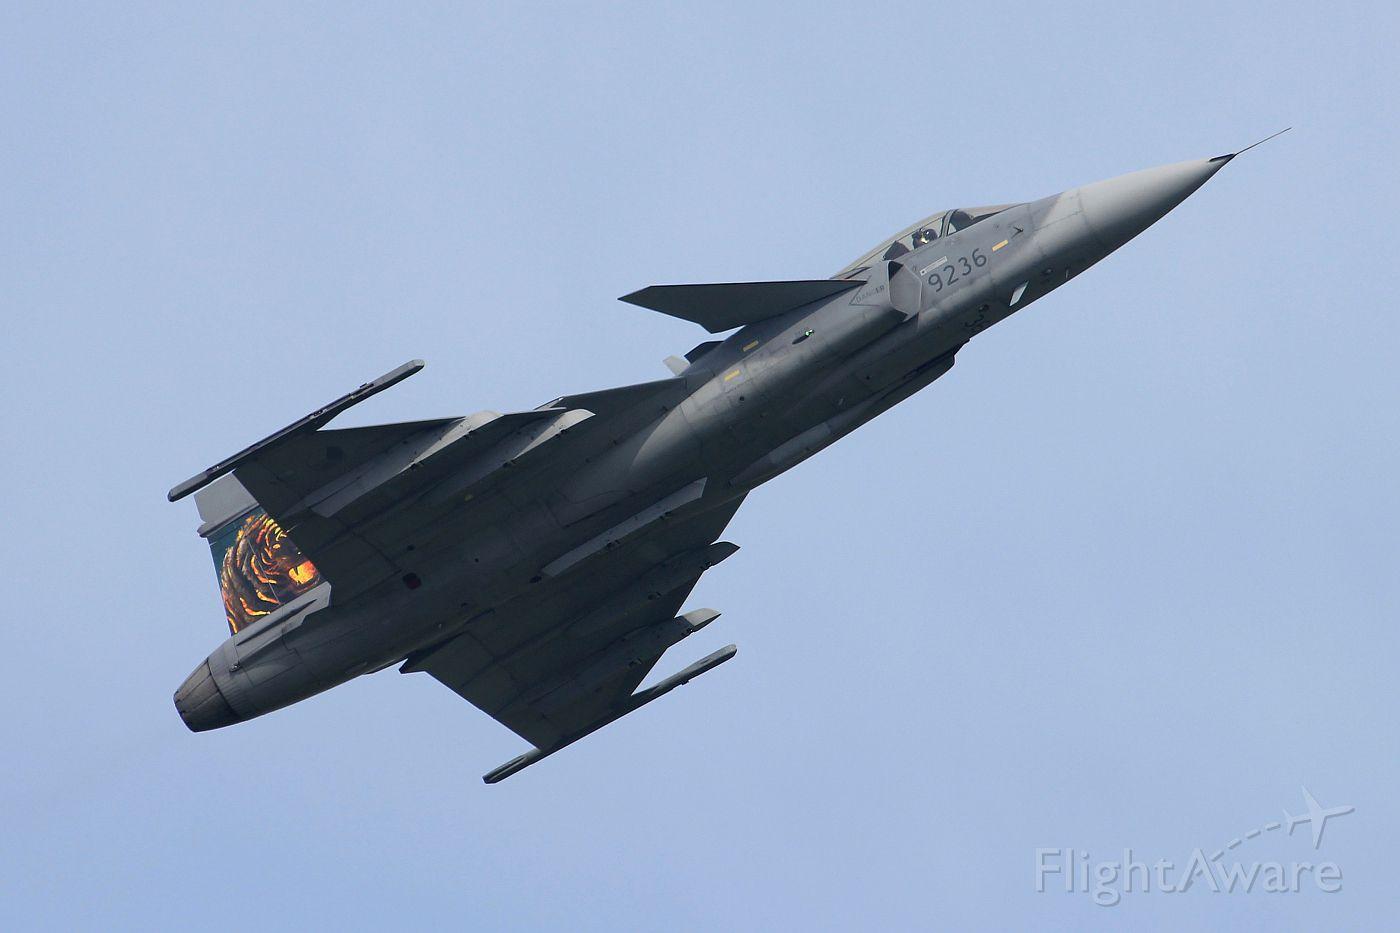 Saab JAS39 Gripen (N9236)